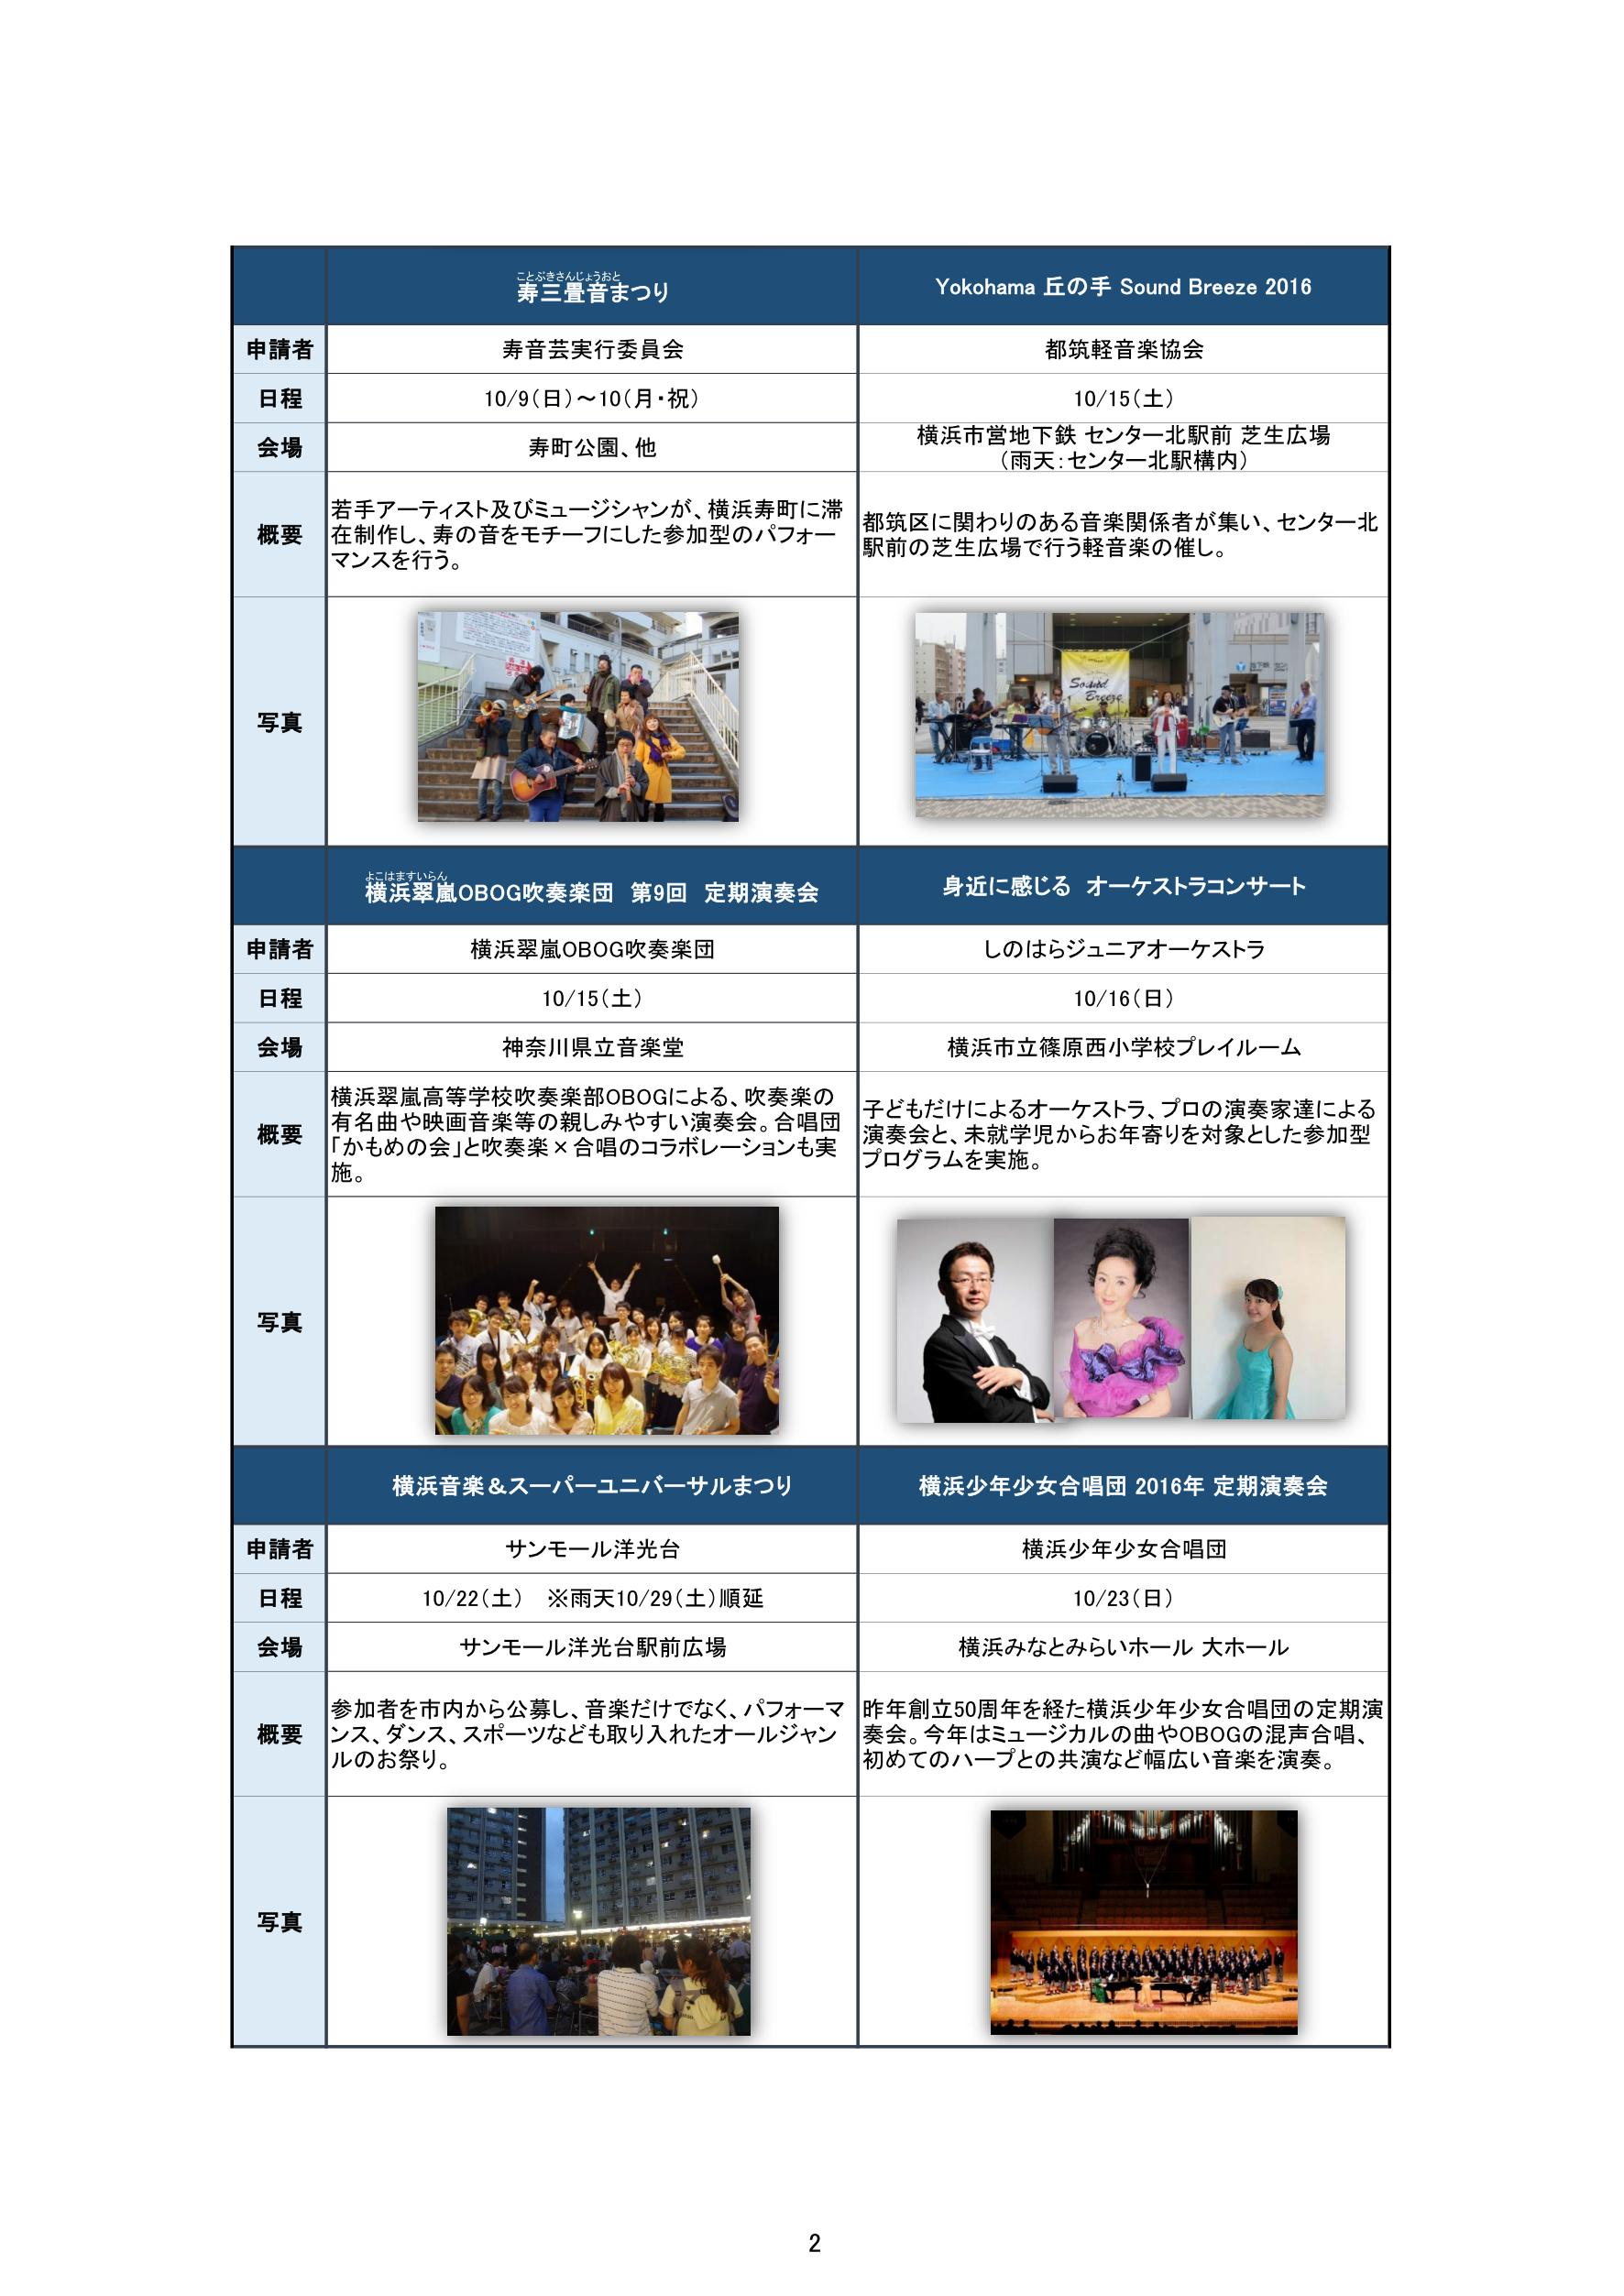 http://yokooto.jp/wp-content/uploads/2016/07/koubo2.jpg